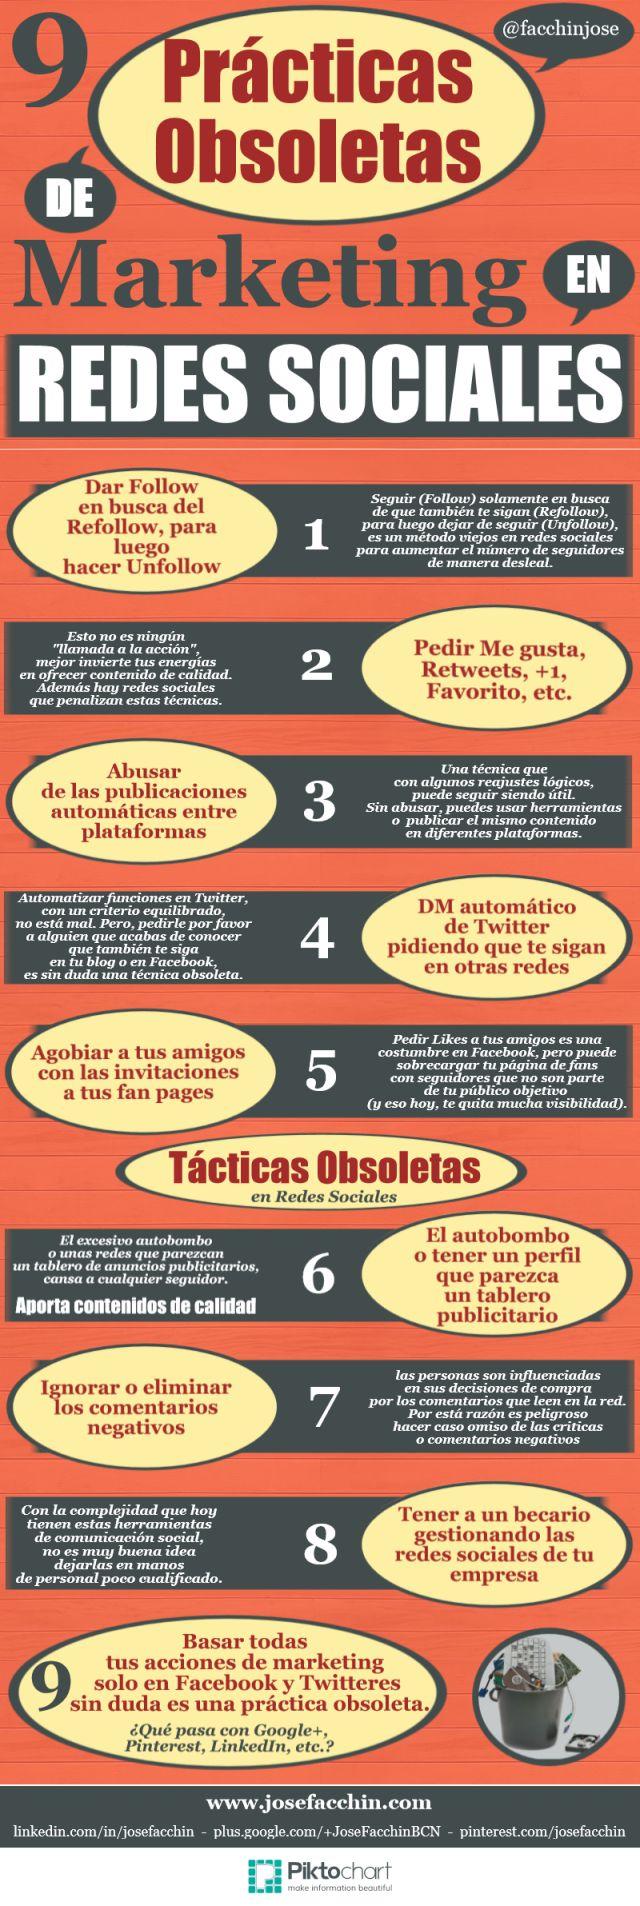 9 prácticas obsoletas de marketing en redes sociales